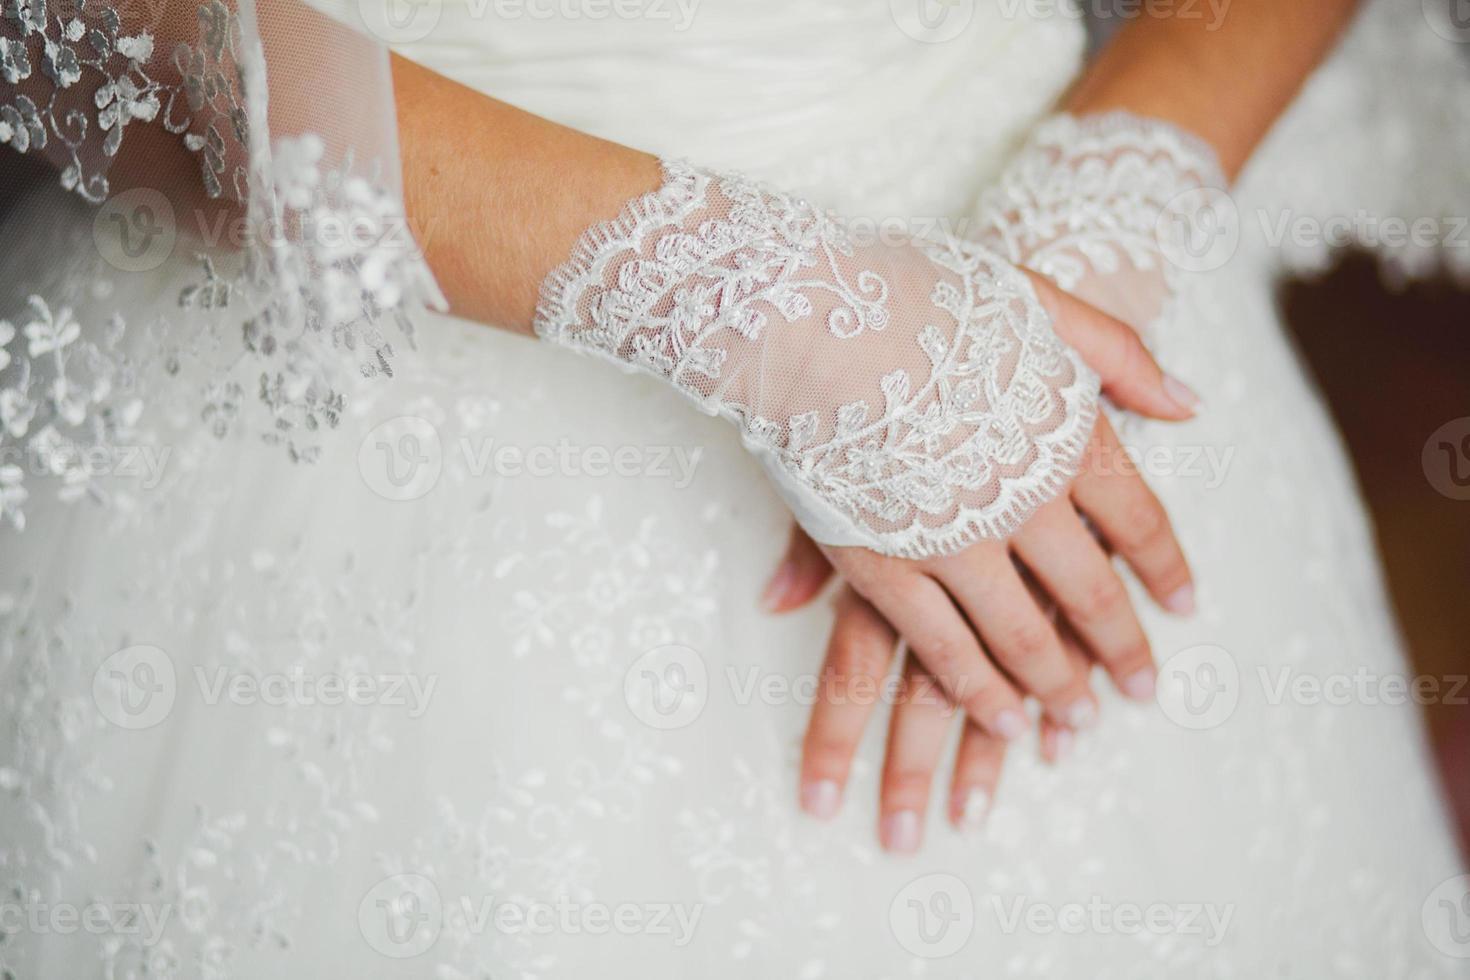 guantes de encaje de boda en manos de la novia, primer plano foto